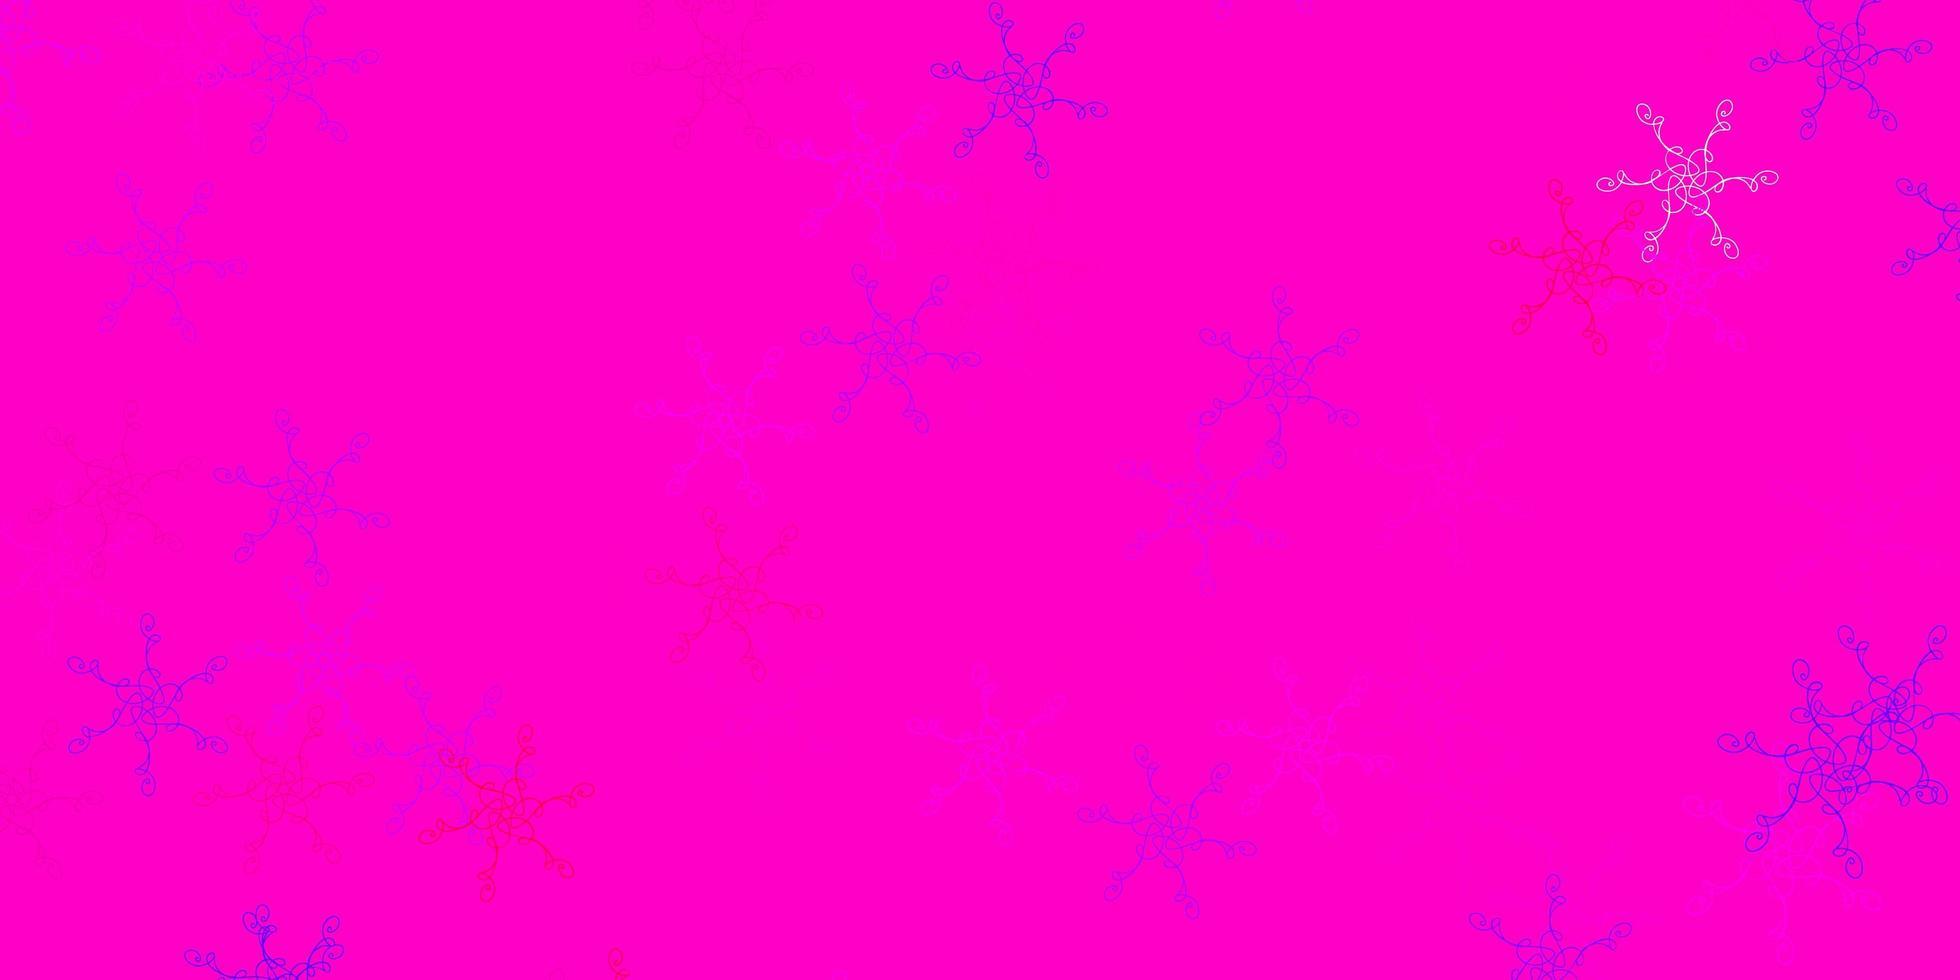 hellviolette, rosa Vektorschablone mit gekrümmten Linien. vektor